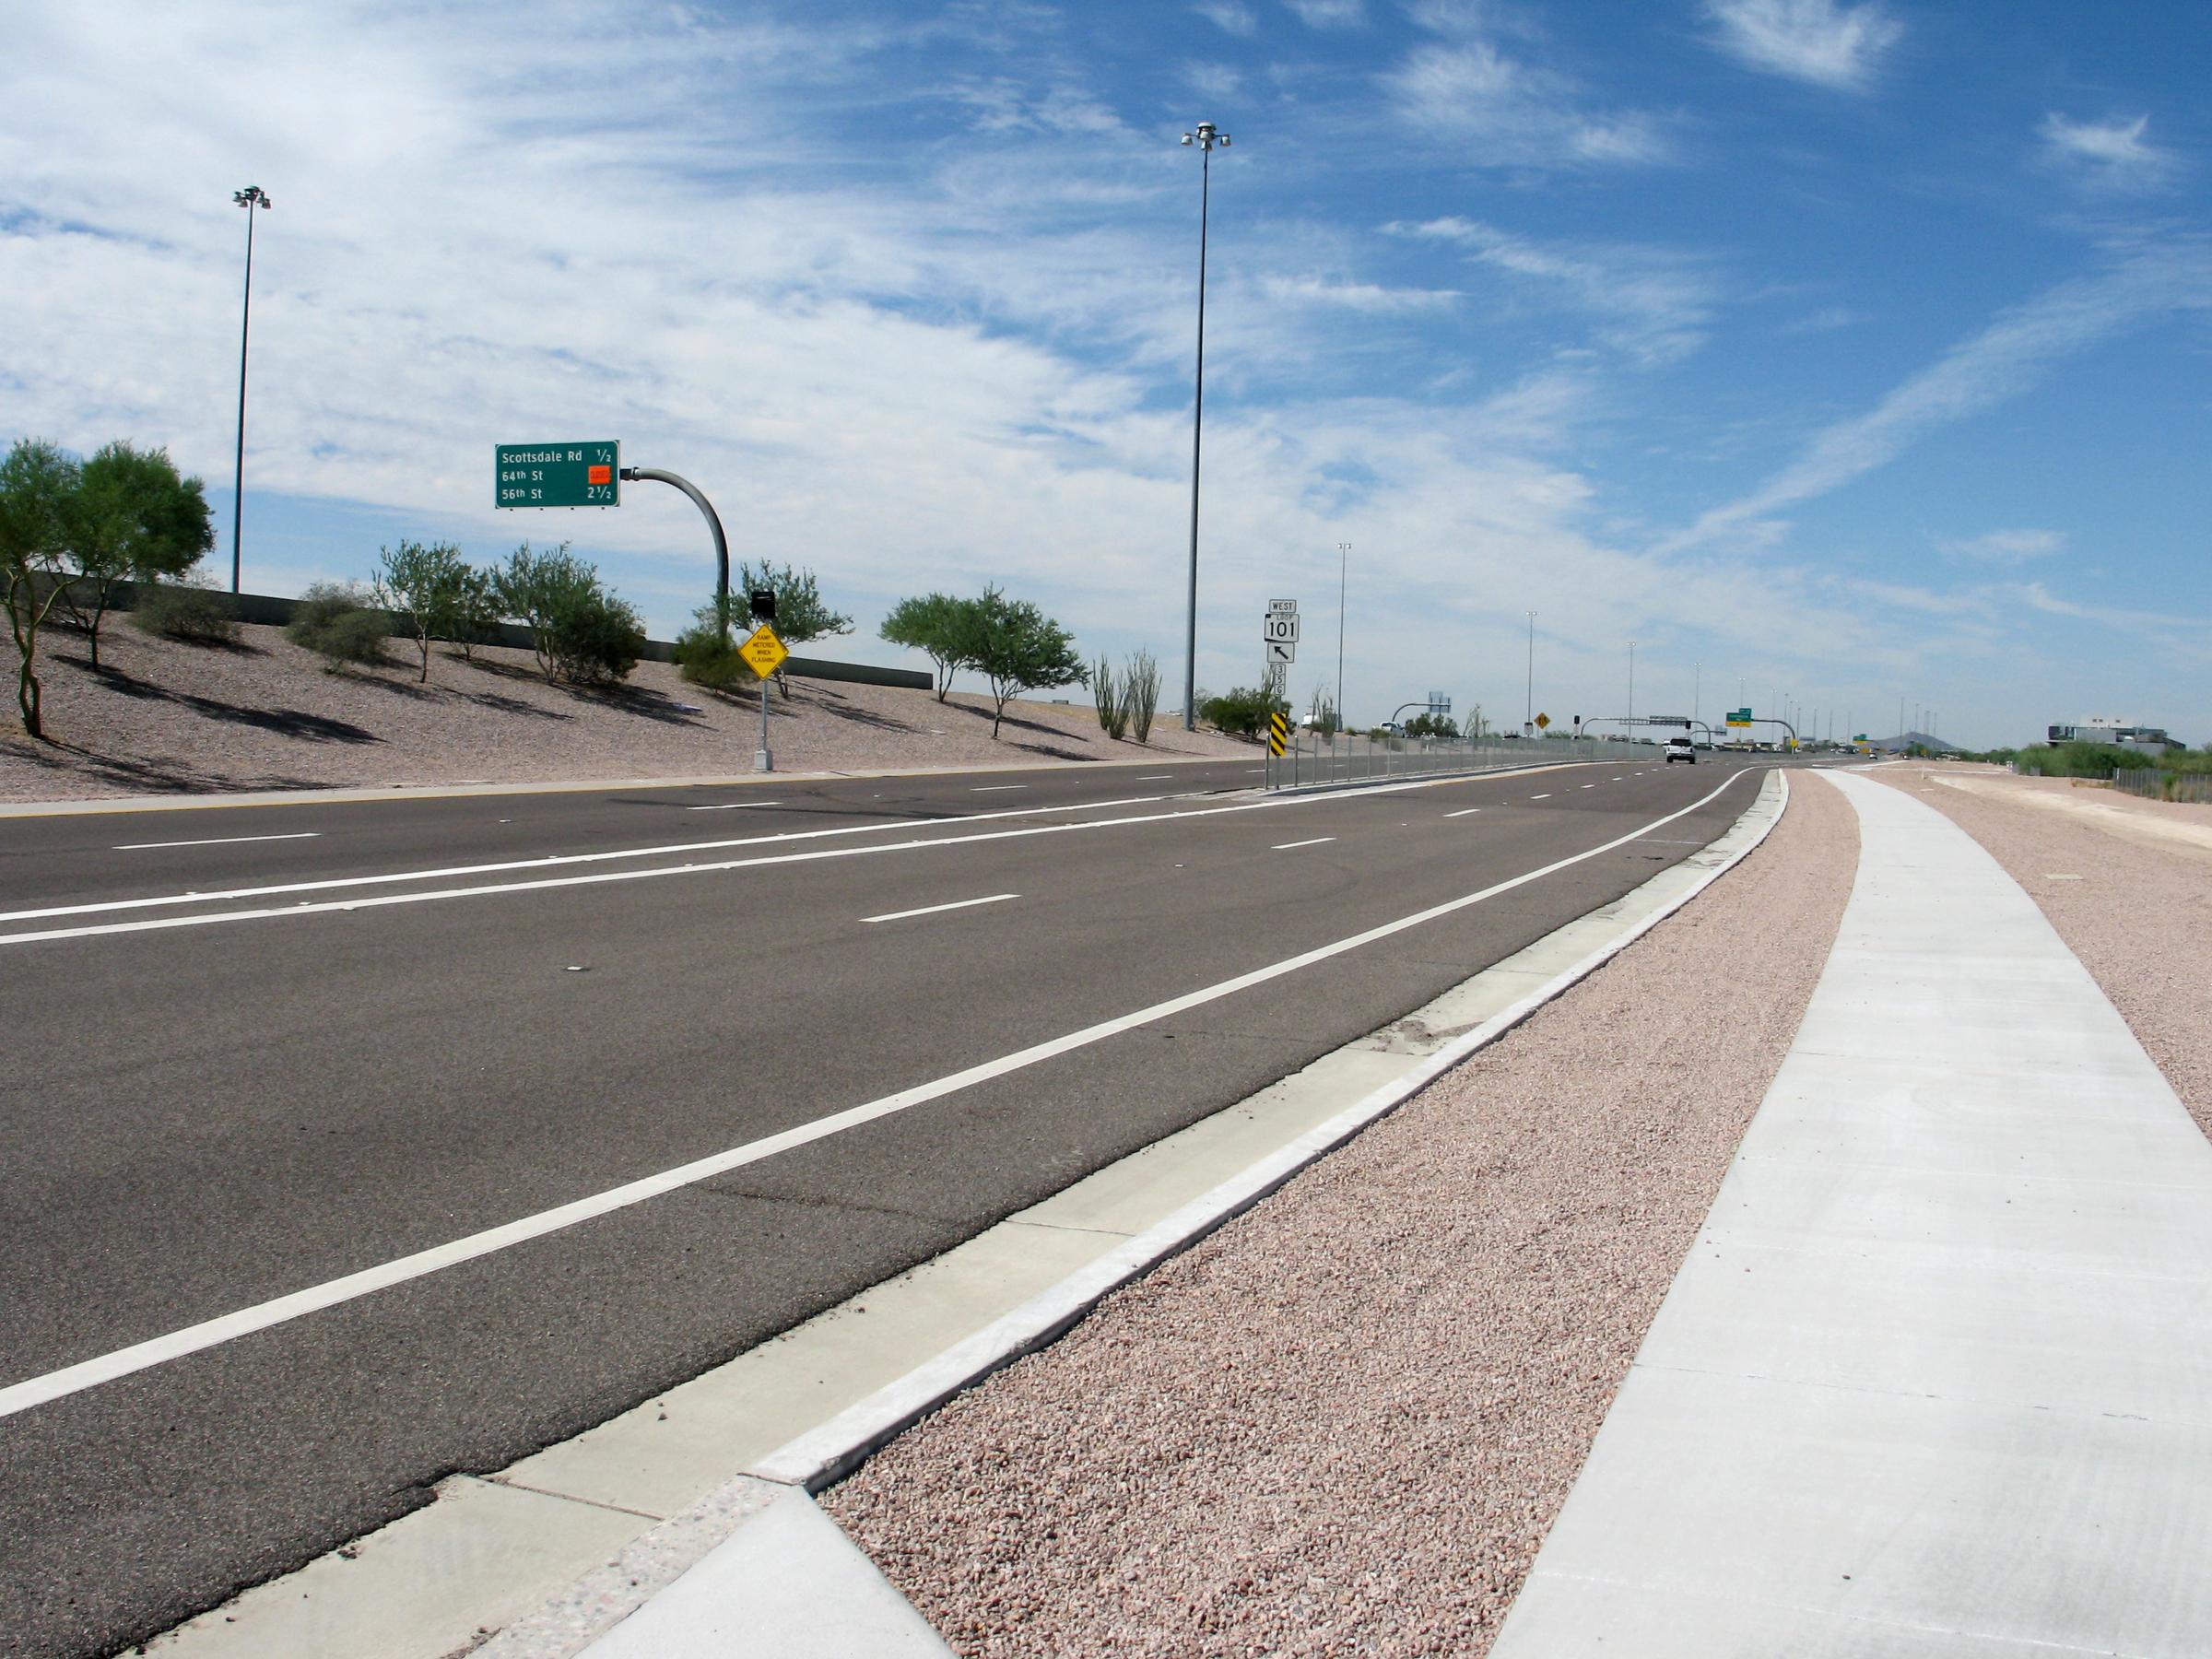 2385 Loop 101 Frontage Road2.jpg